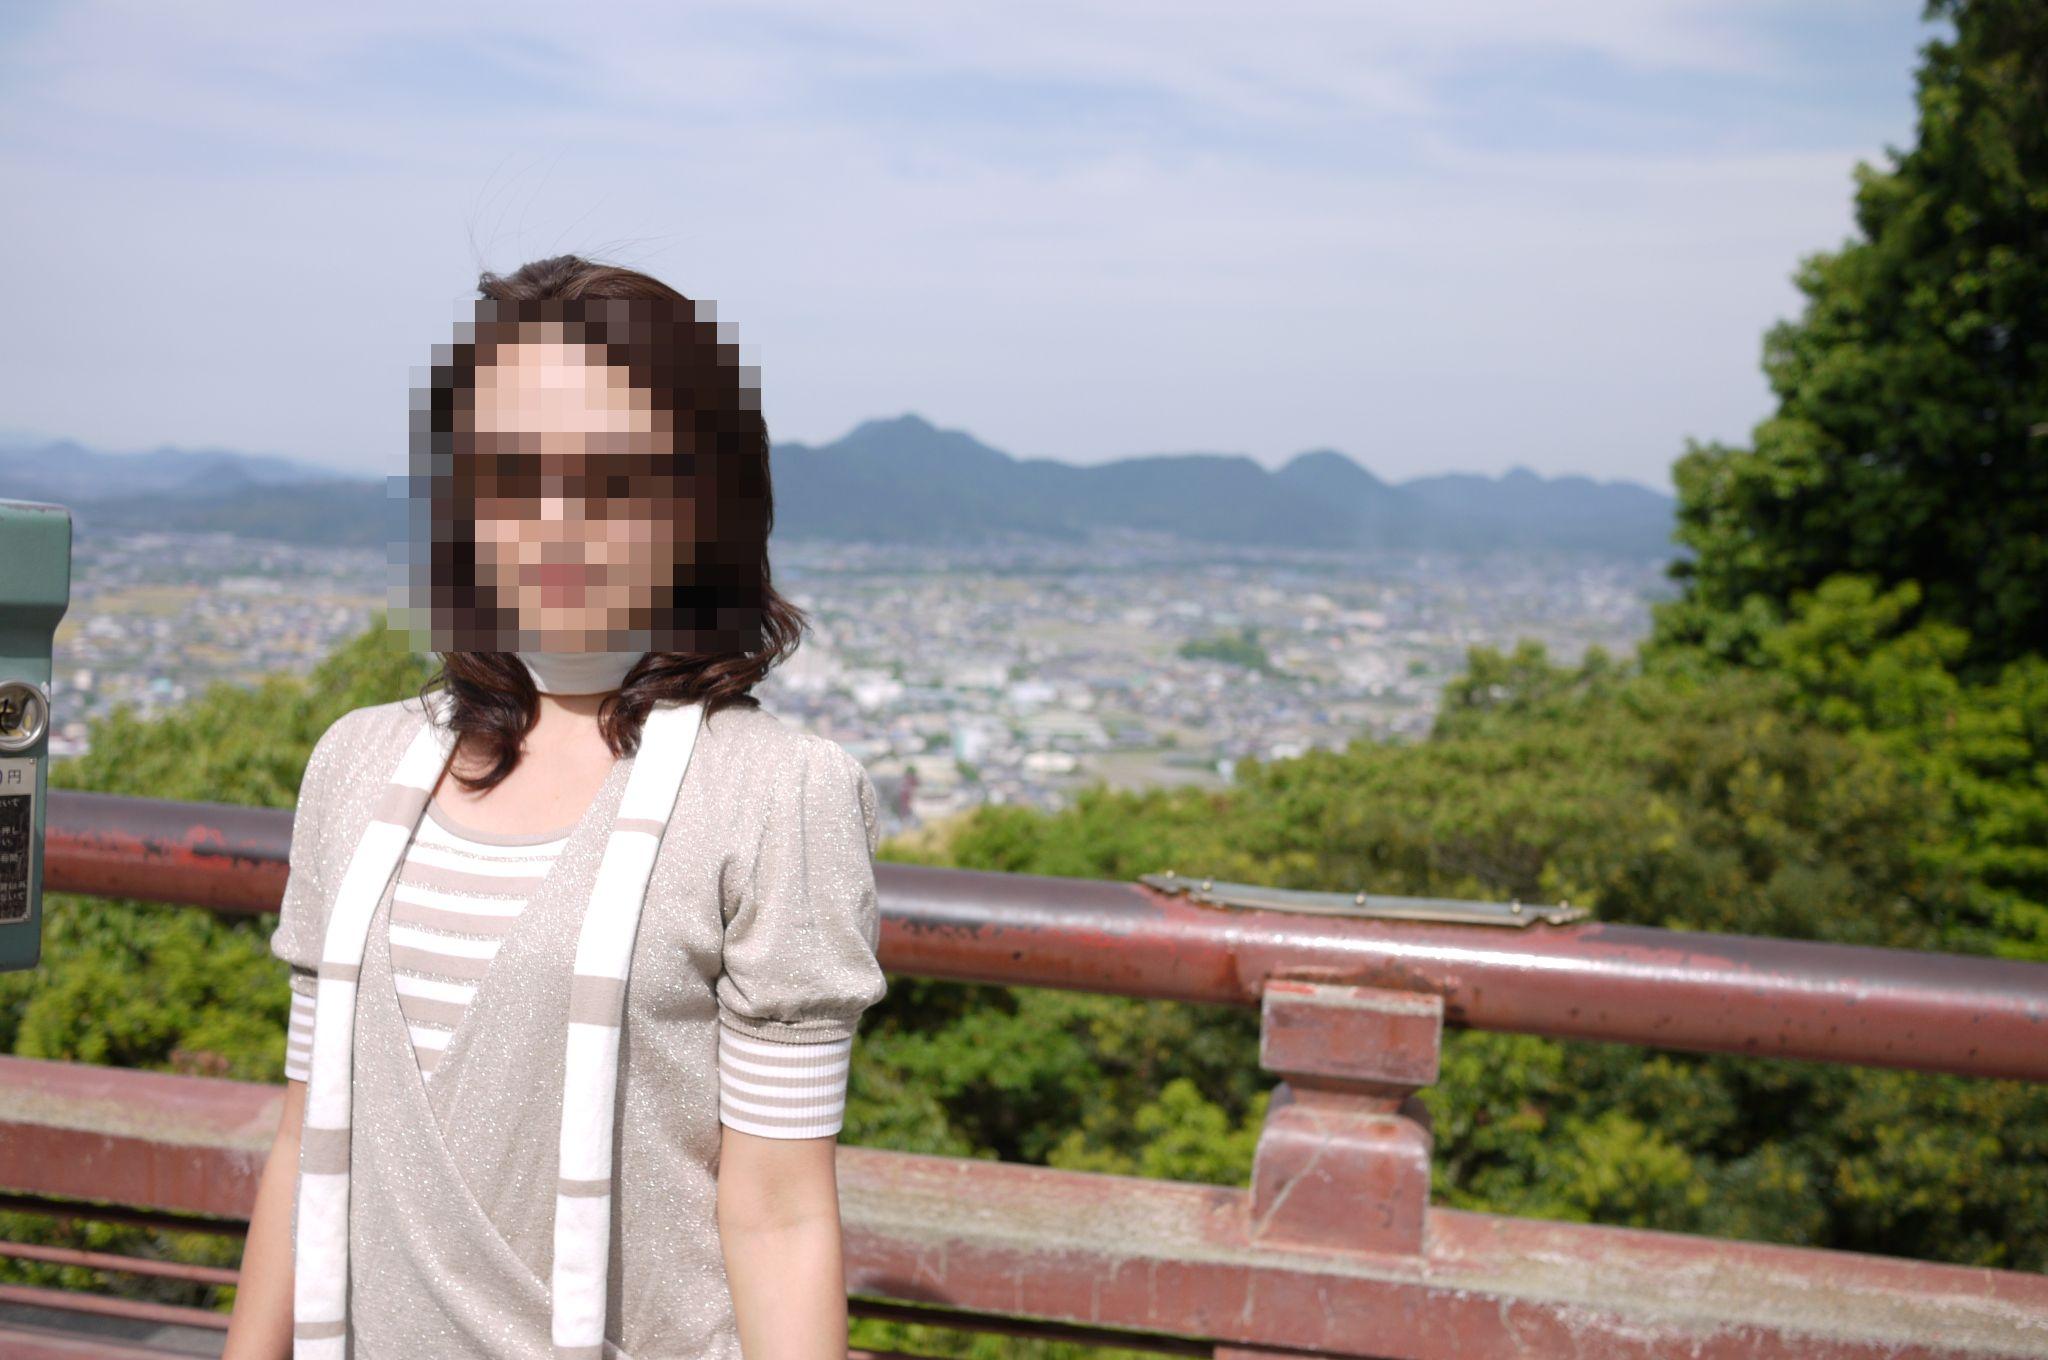 f0202691_20481286.jpg